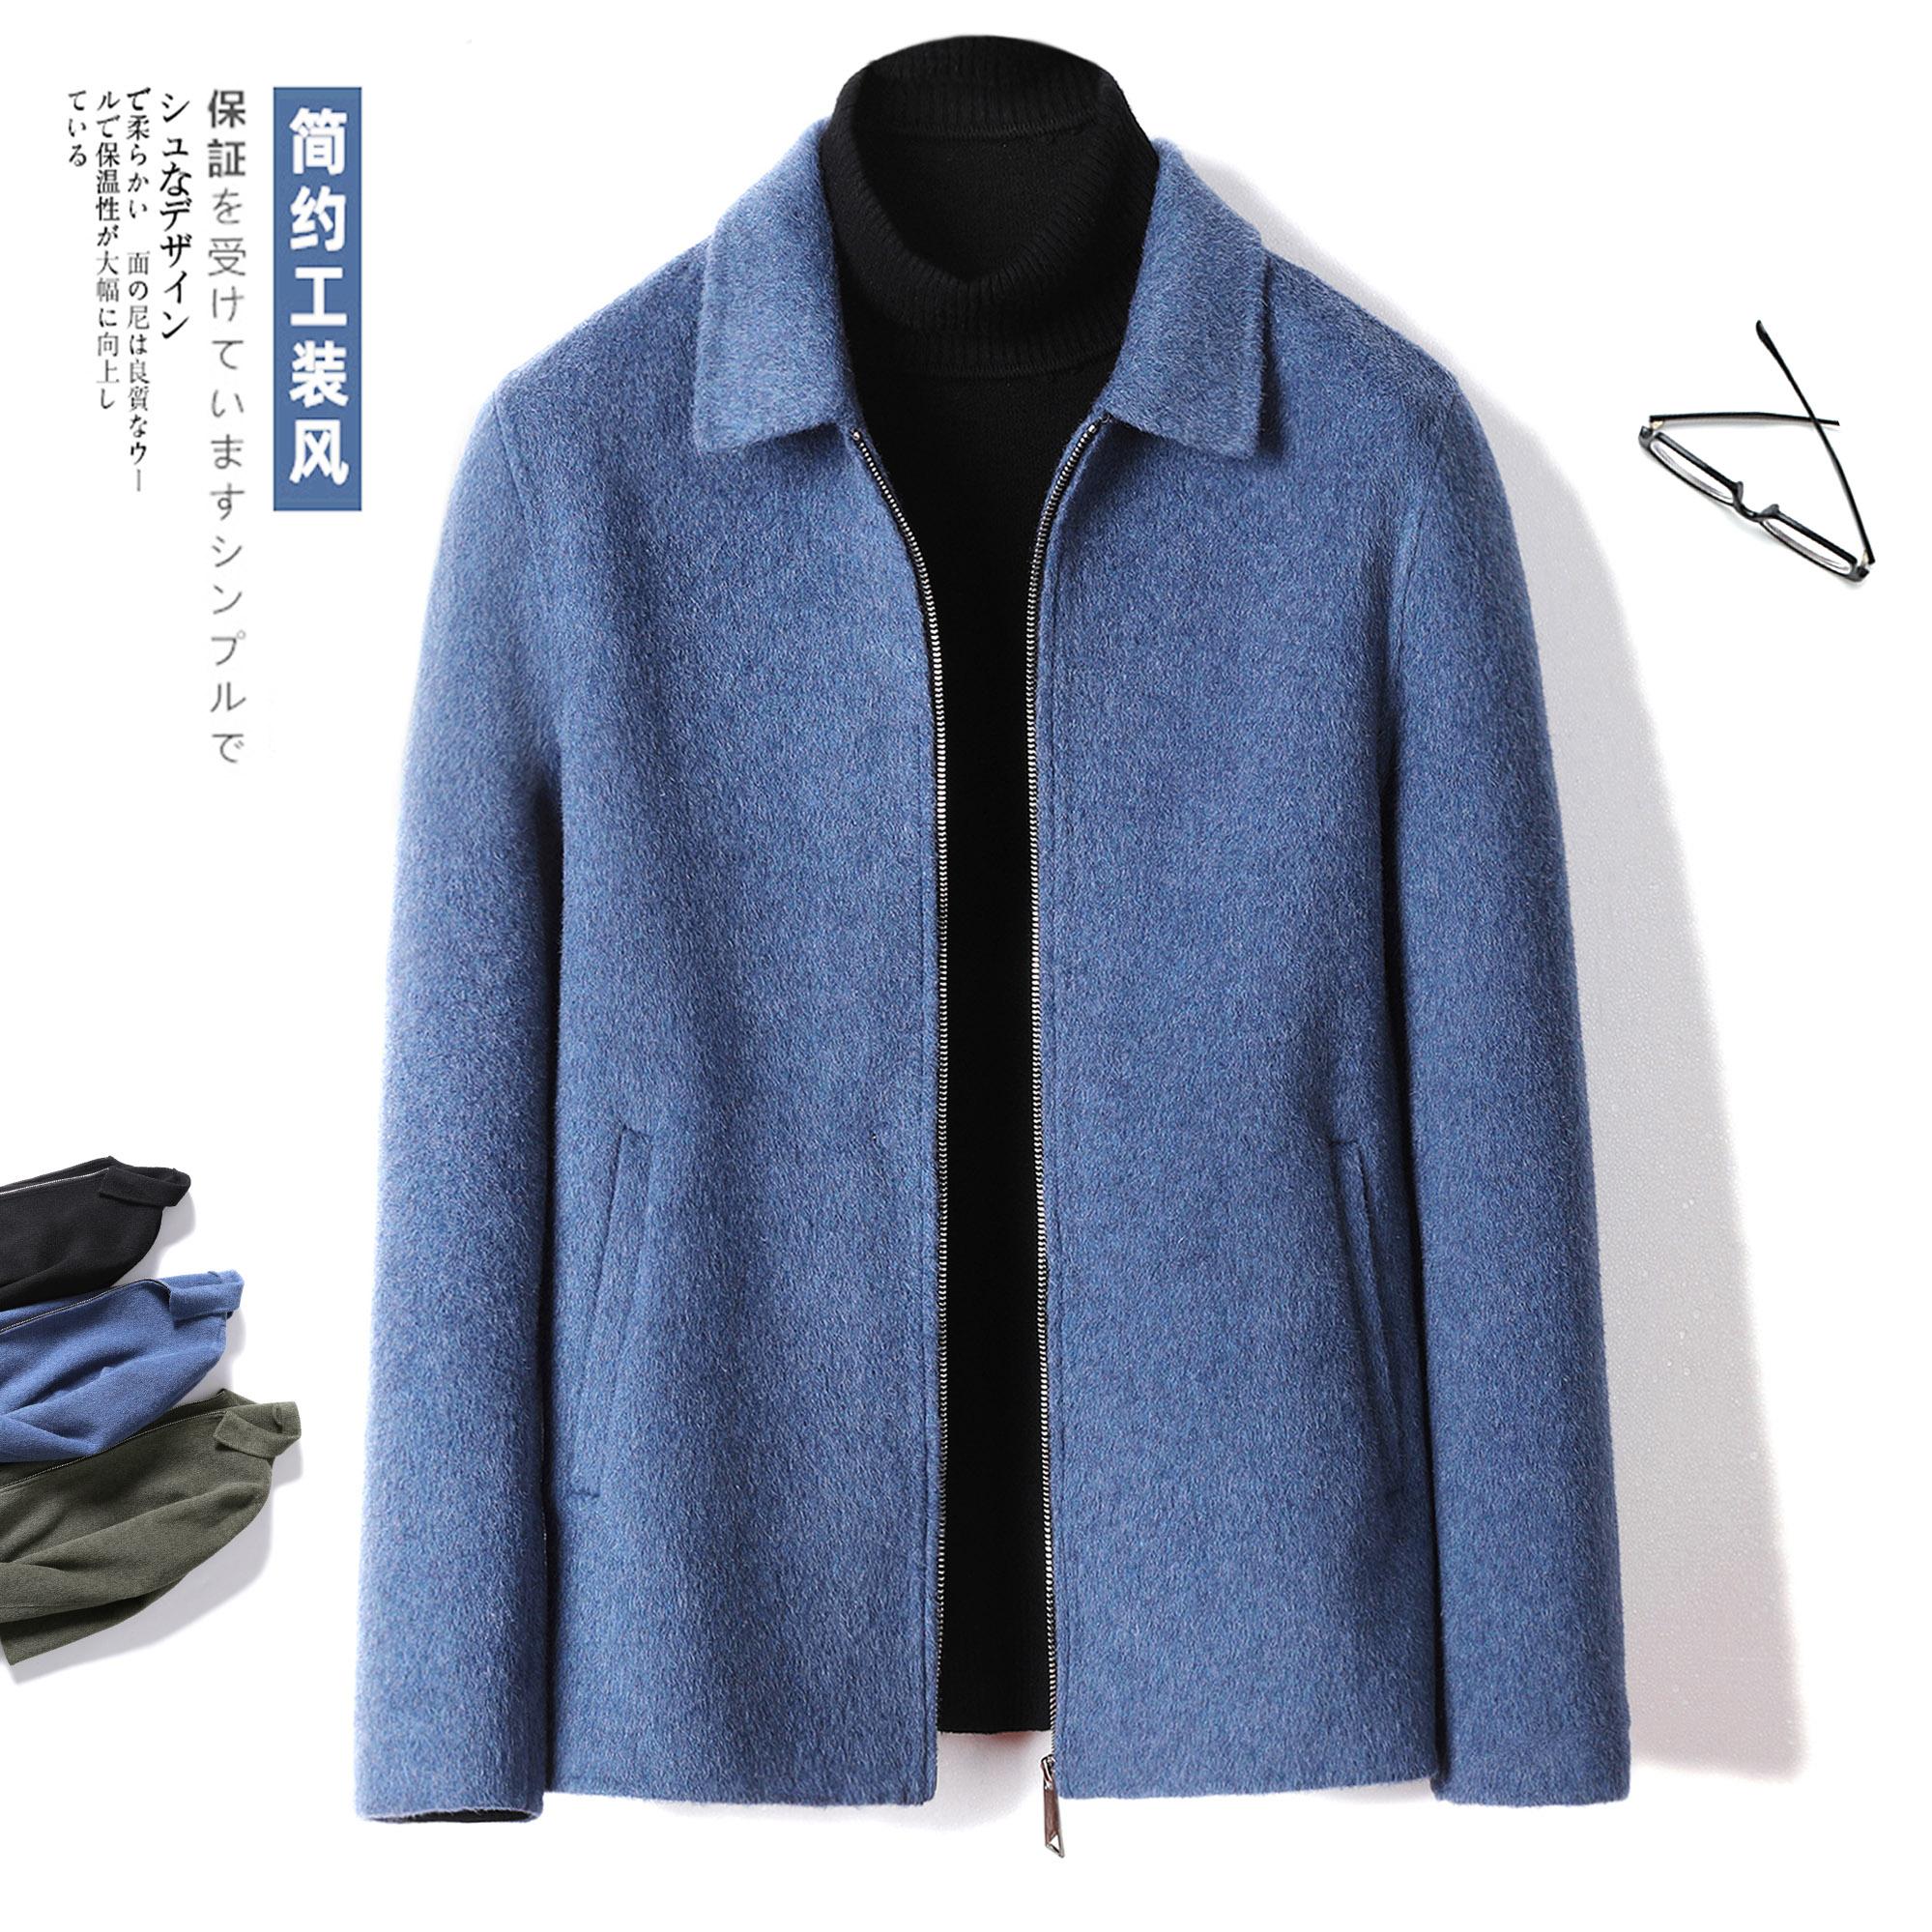 Albaca 100% pure hand double faced wool coat mens medium short coat zero Alpaca cashmere mens wear